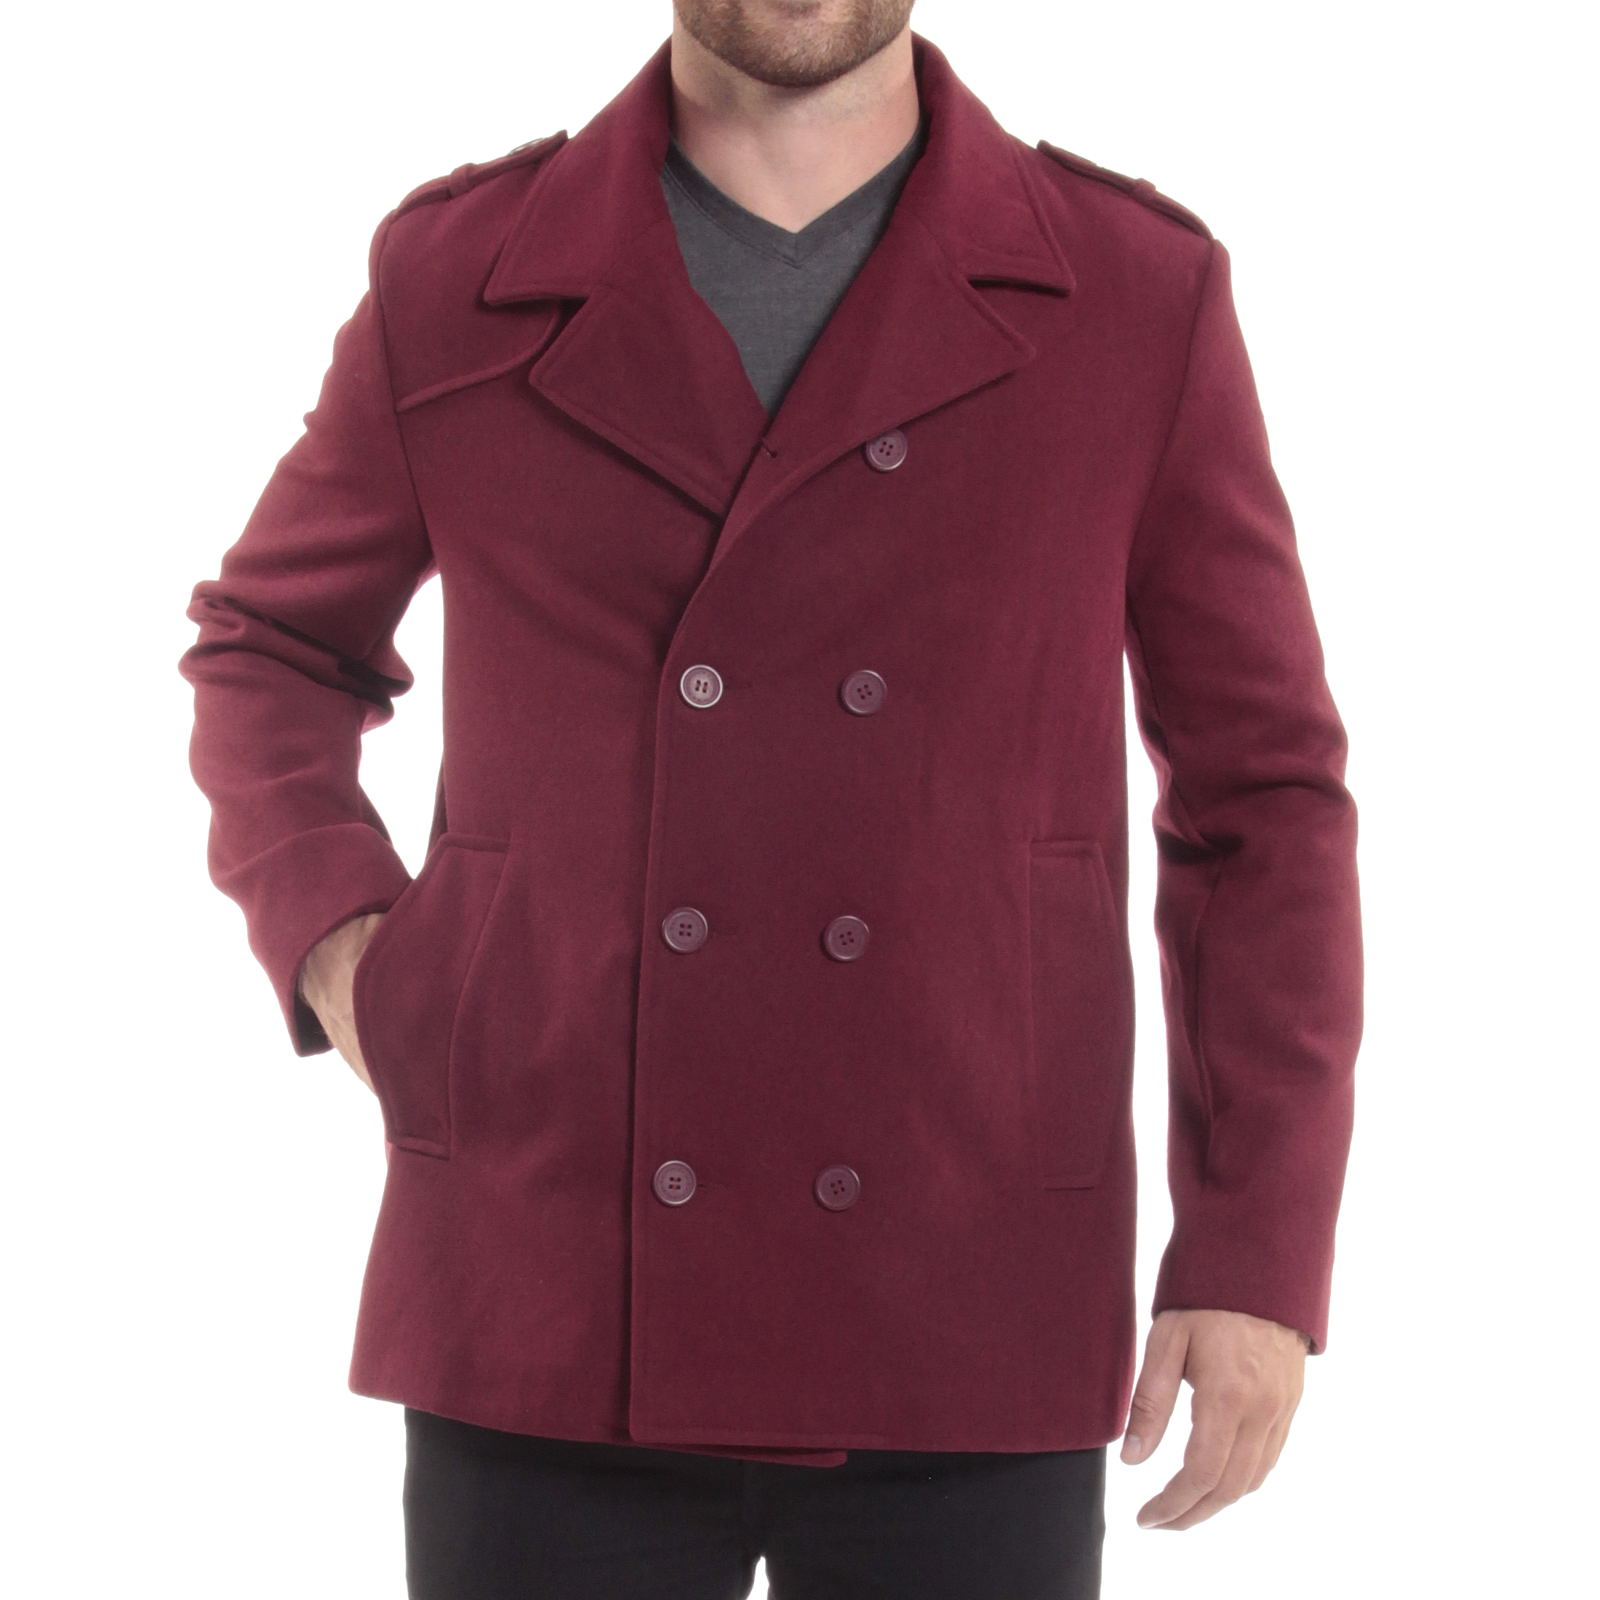 Fresh Alpine Swiss Jake Mens Pea Coat Wool Blend Double Breasted Dress  DU75